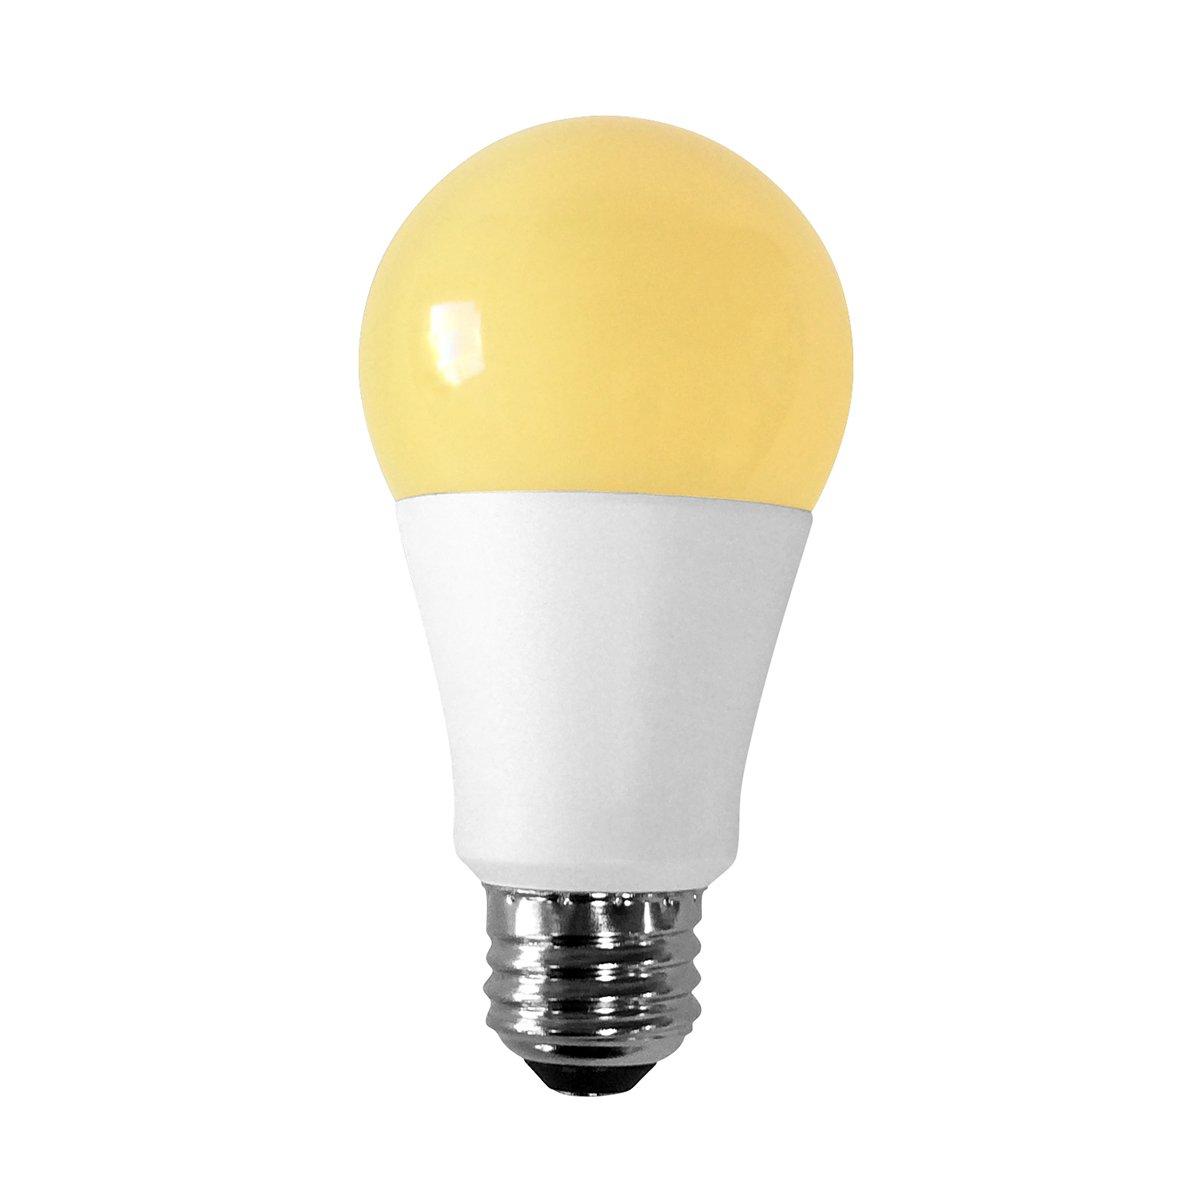 Led Light Fixtures Good: Lighting Science FG-02263 Good Night LED Household Light